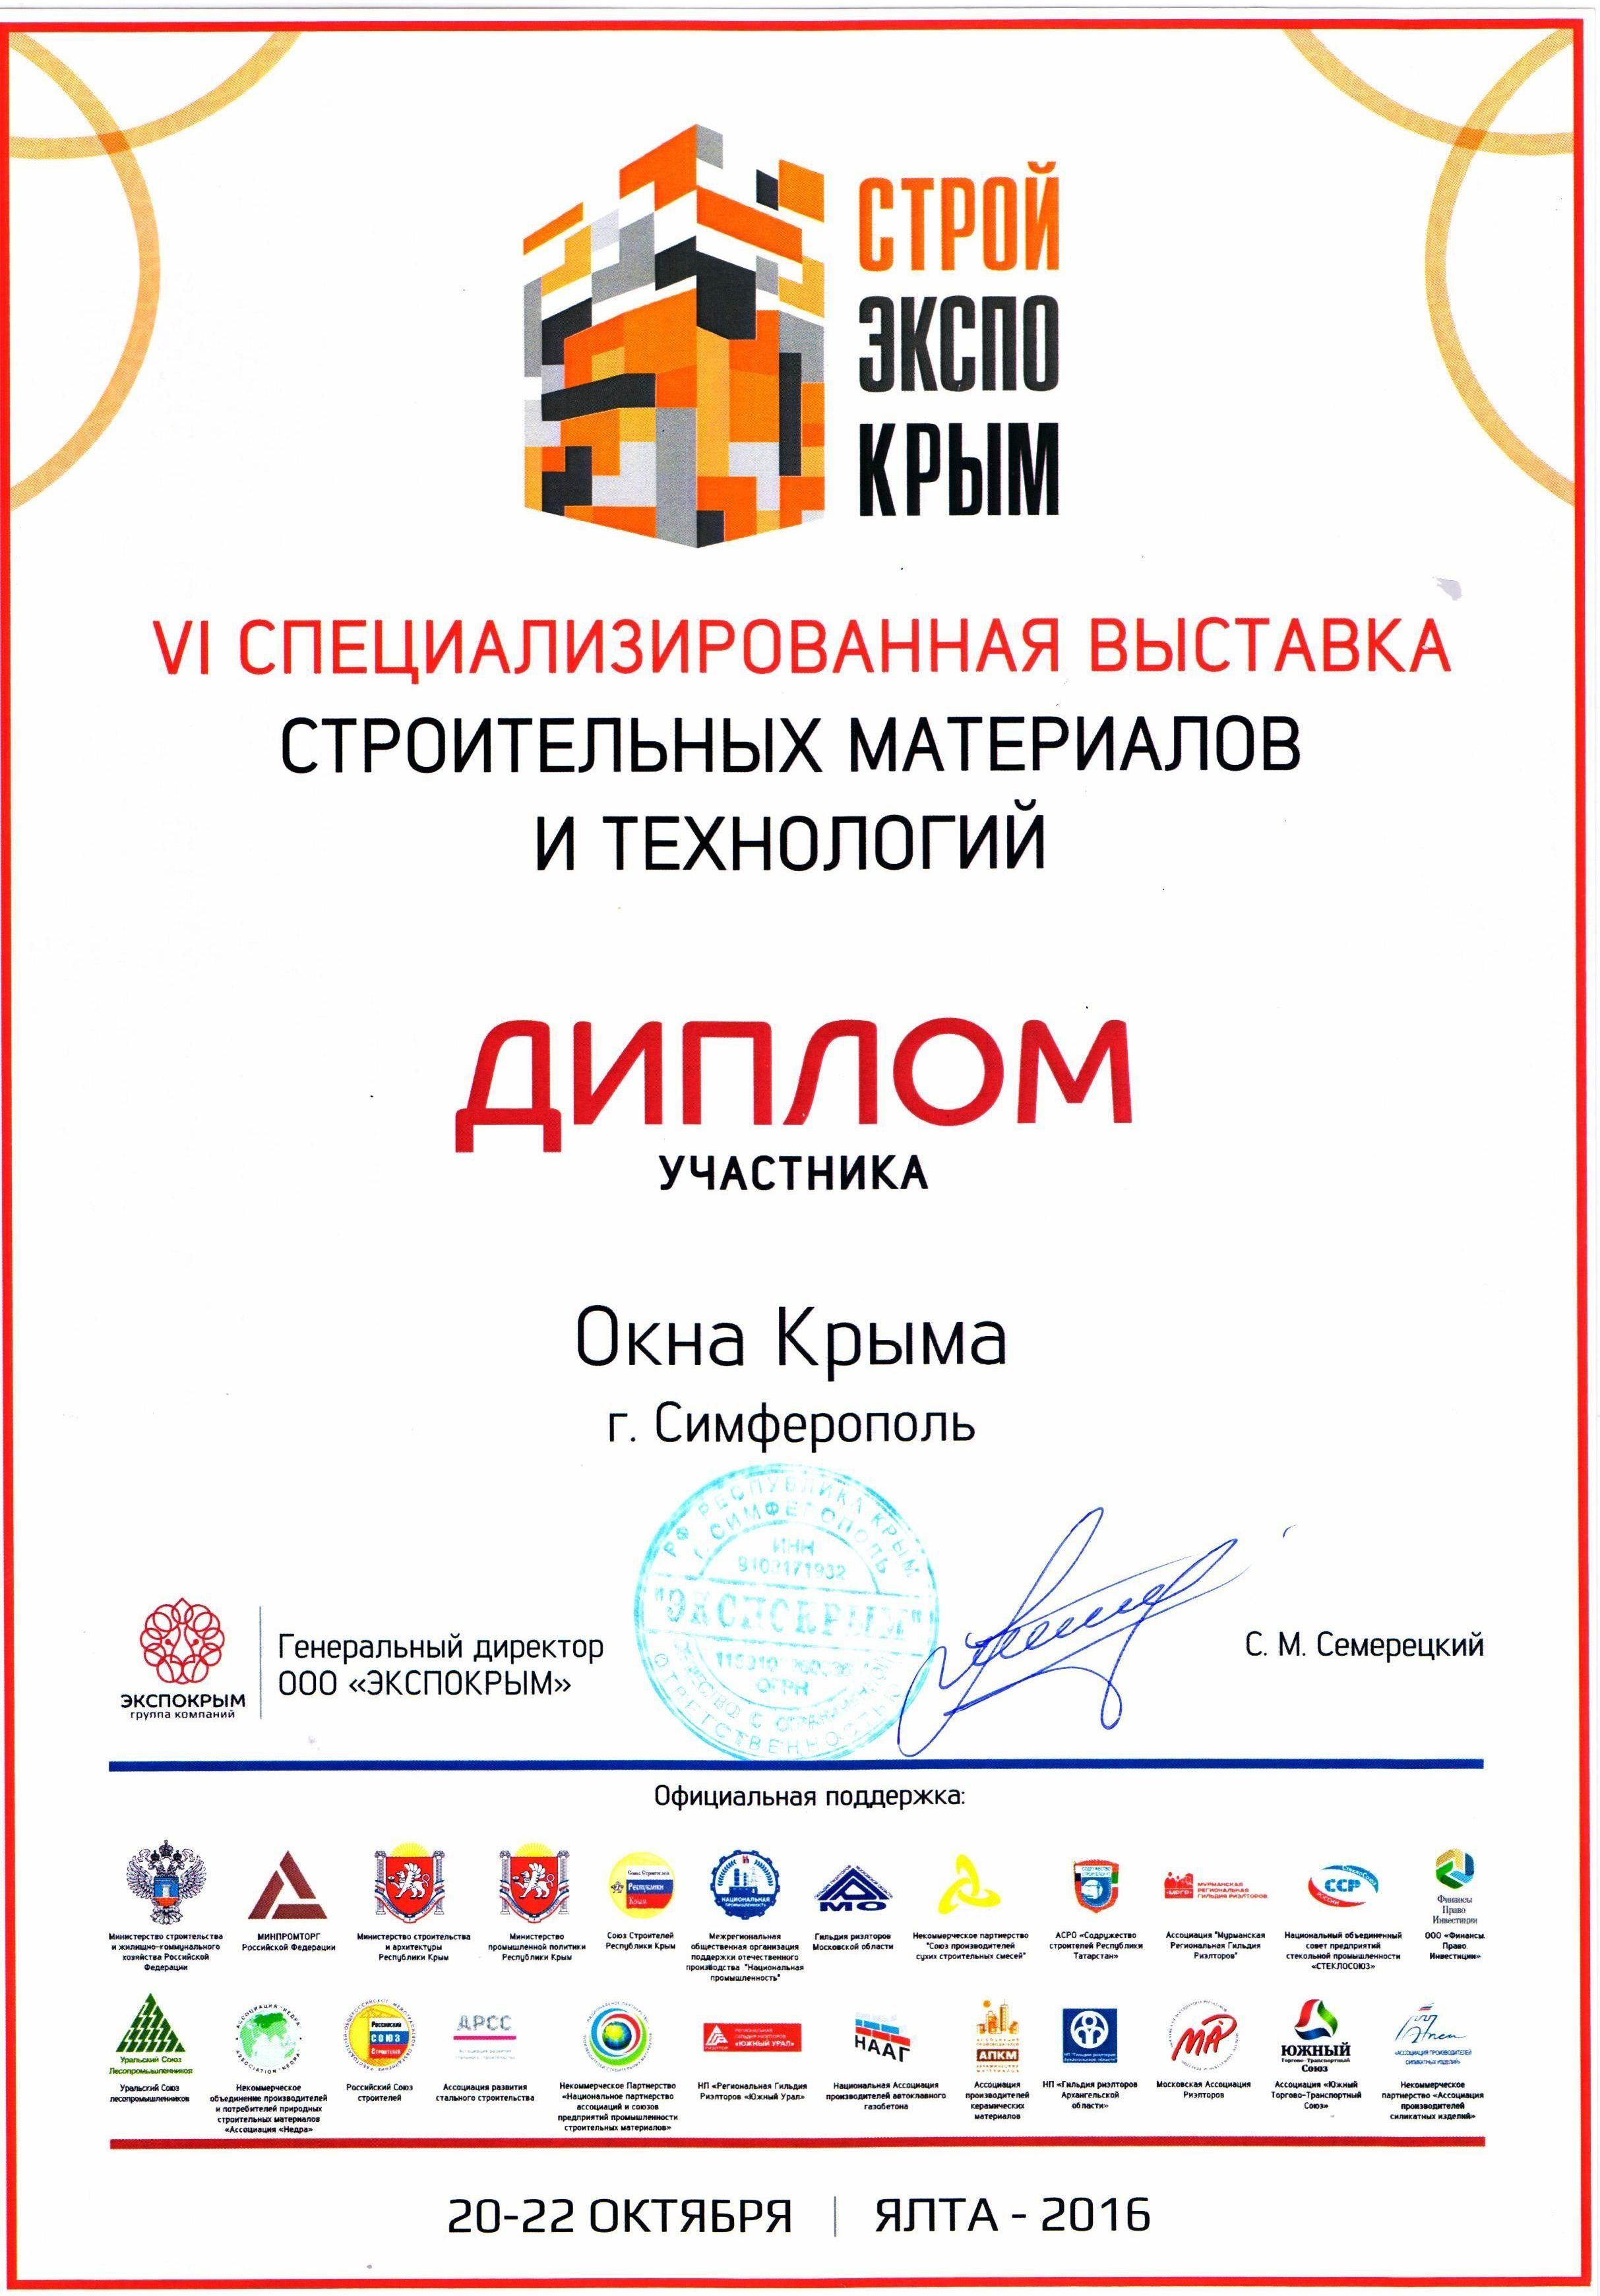 Диплом участника оконной выставки в крыму